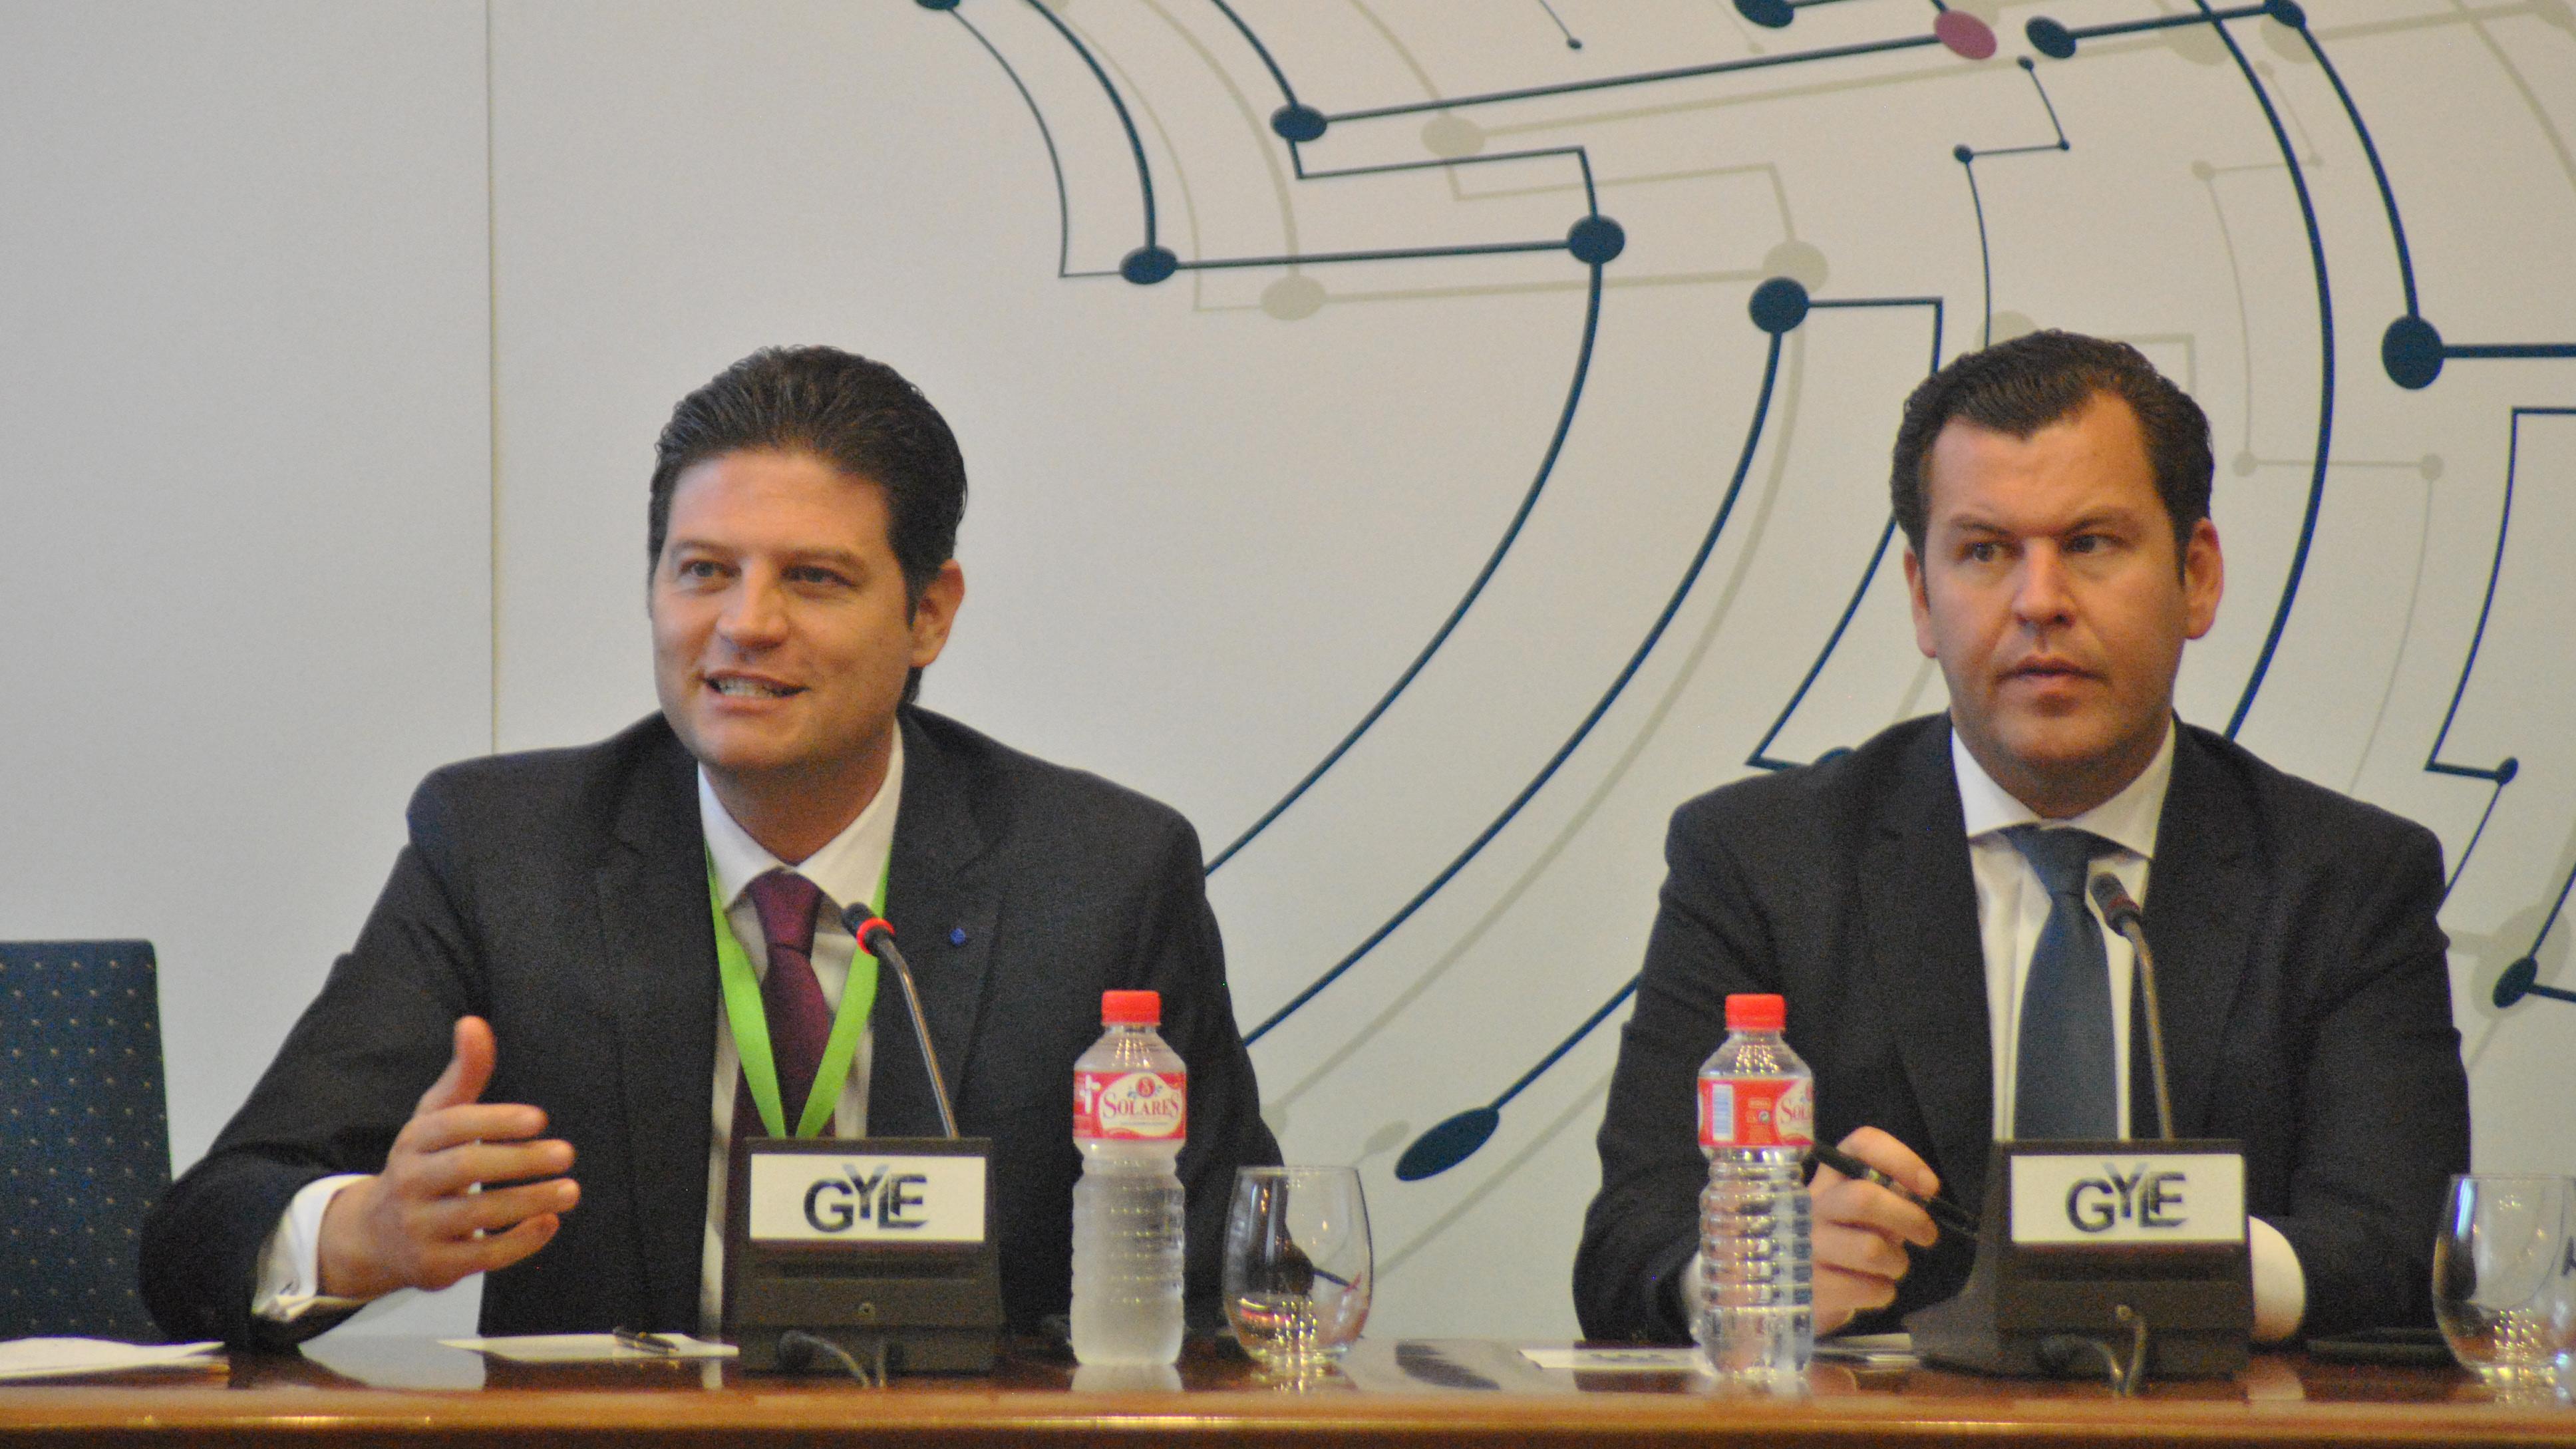 Habrá un gran candidato independiente en elecciones de 2018: alcalde de Morelia